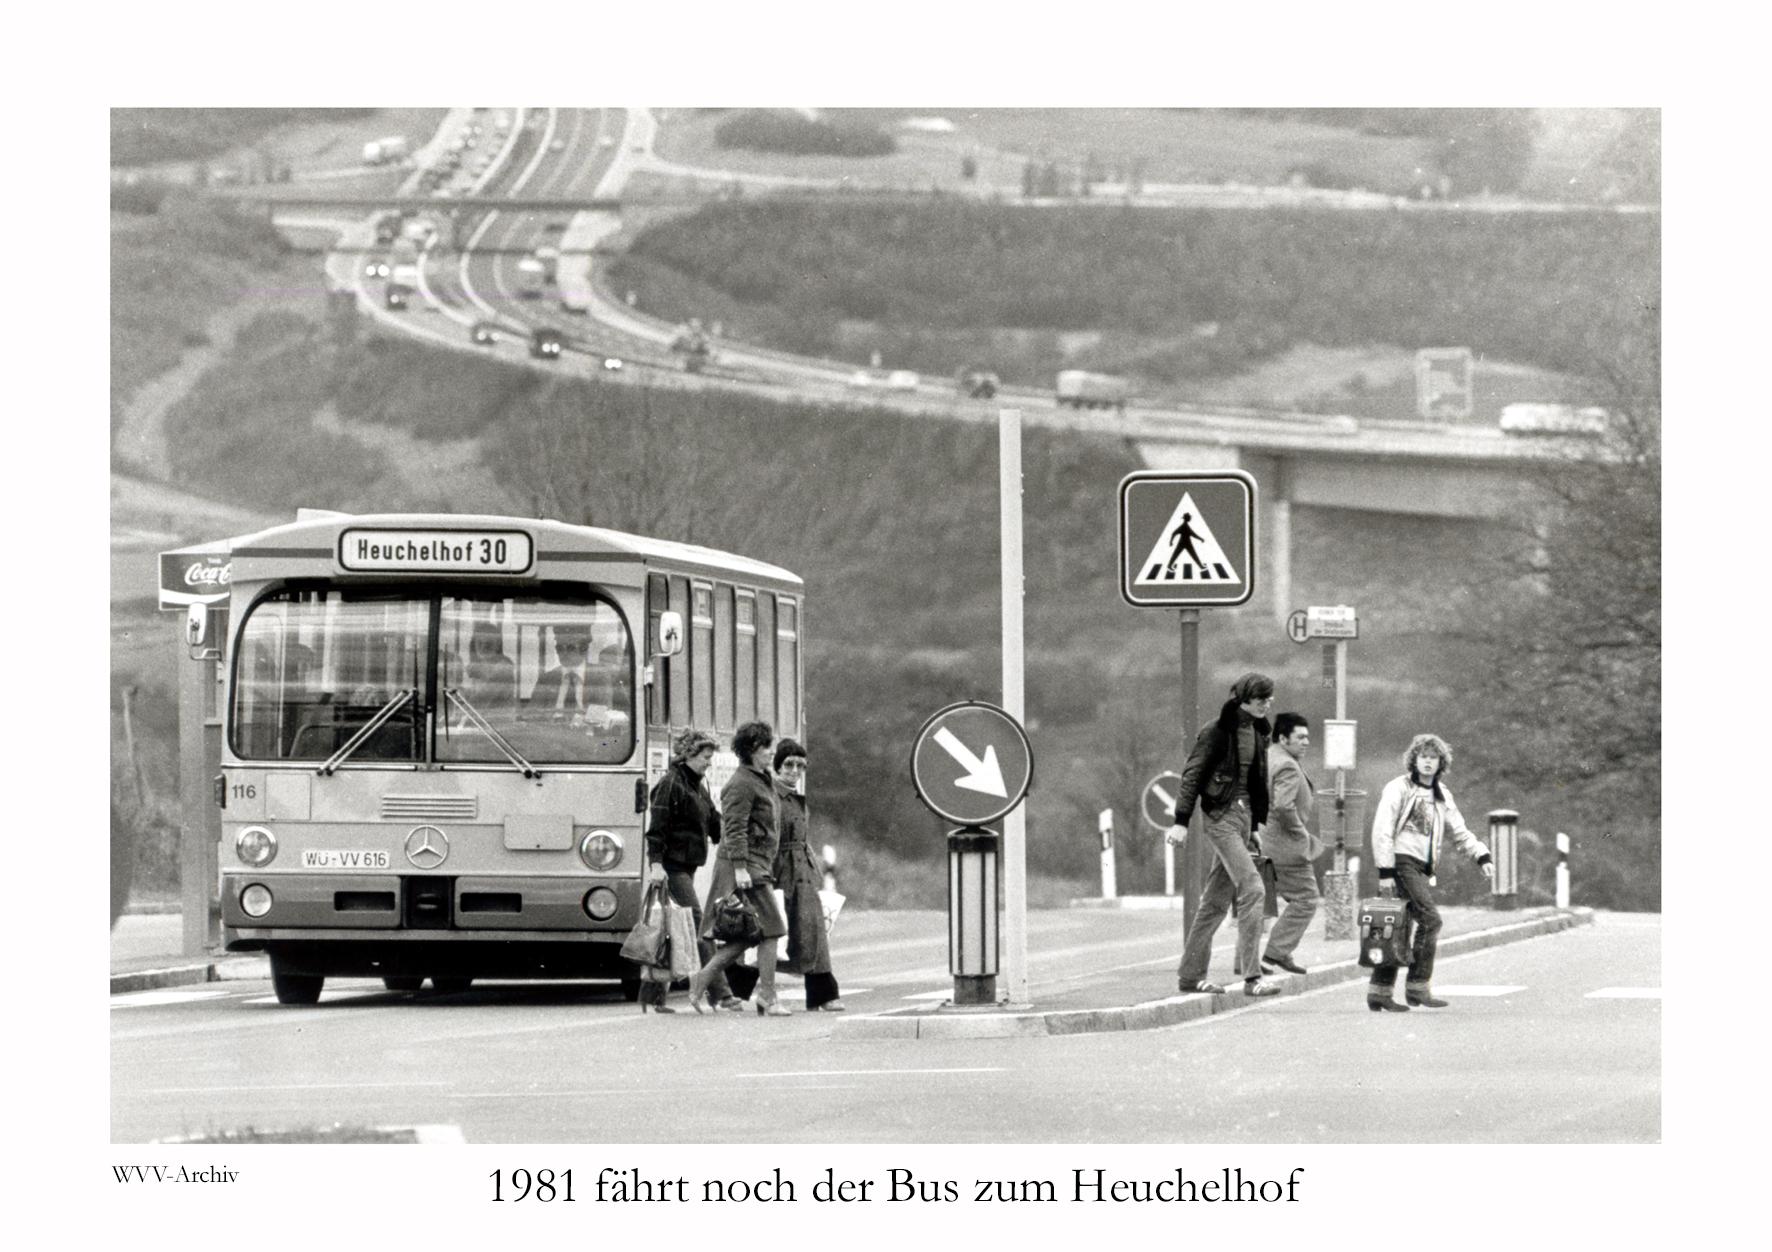 1981 fährt noch der Bus zum Heuchelhof